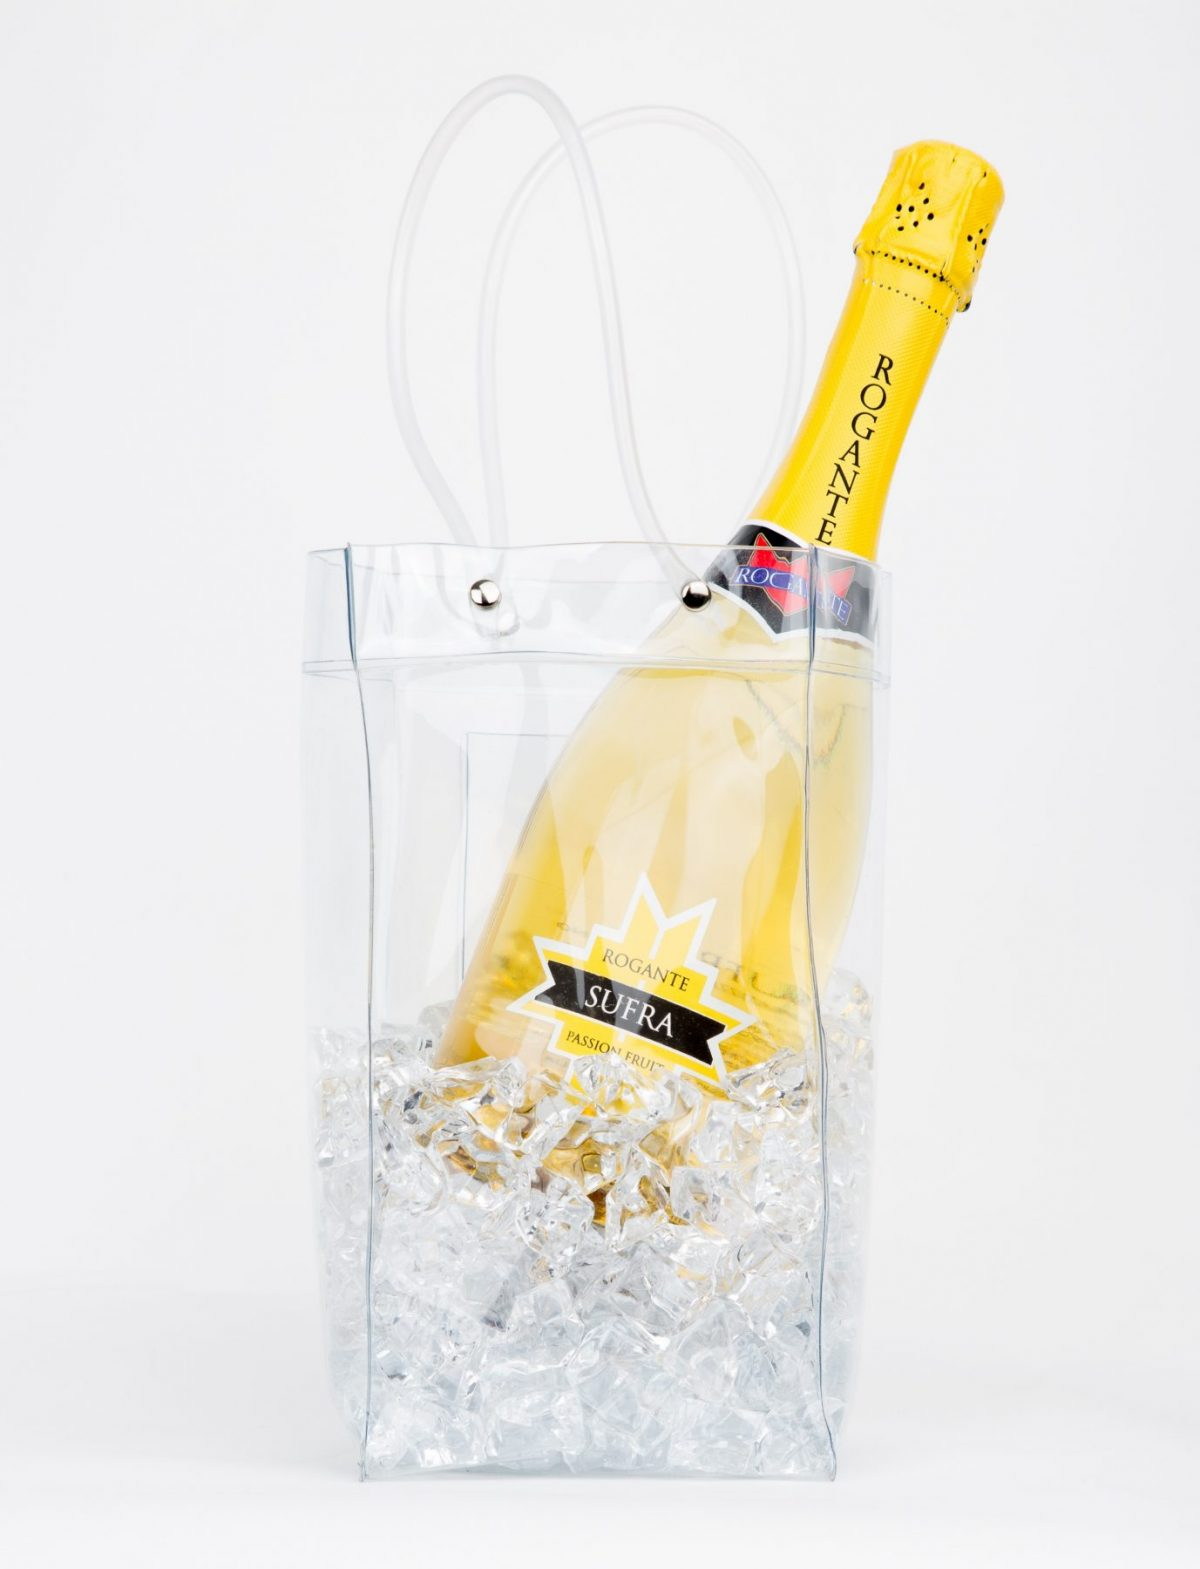 Promo Ice Bag Rogante ExoticPassion